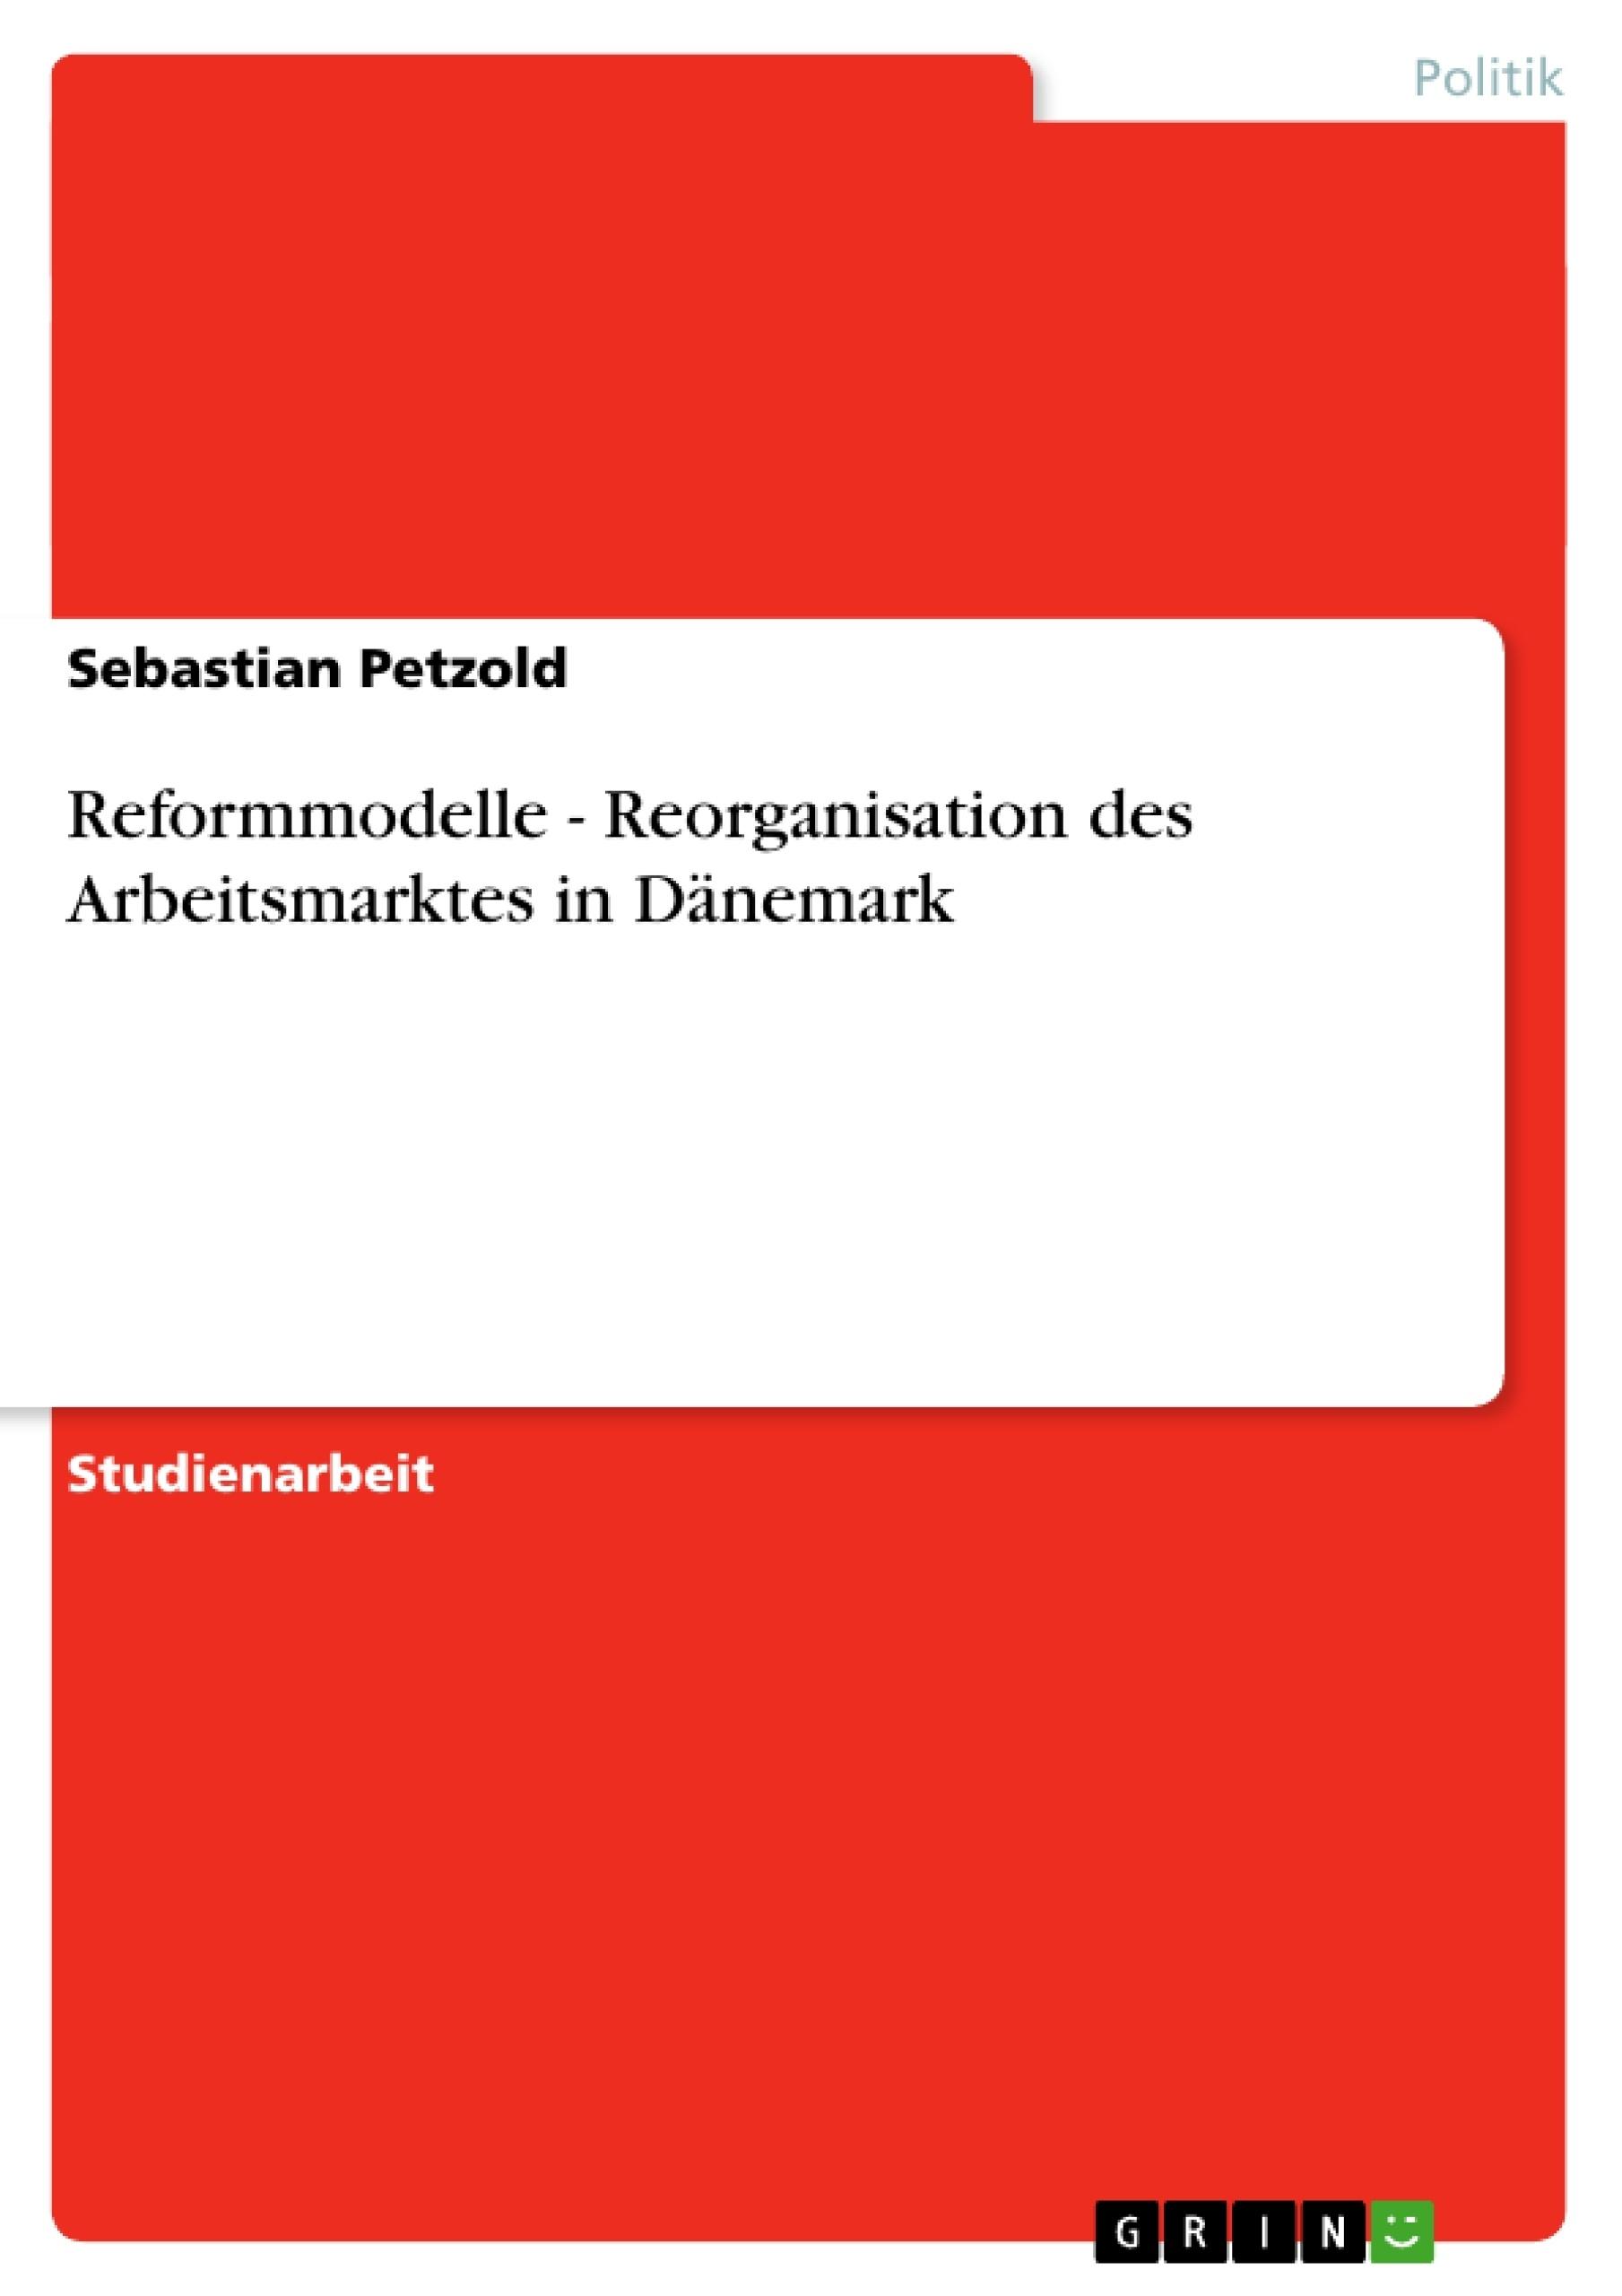 Titel: Reformmodelle - Reorganisation des Arbeitsmarktes in Dänemark